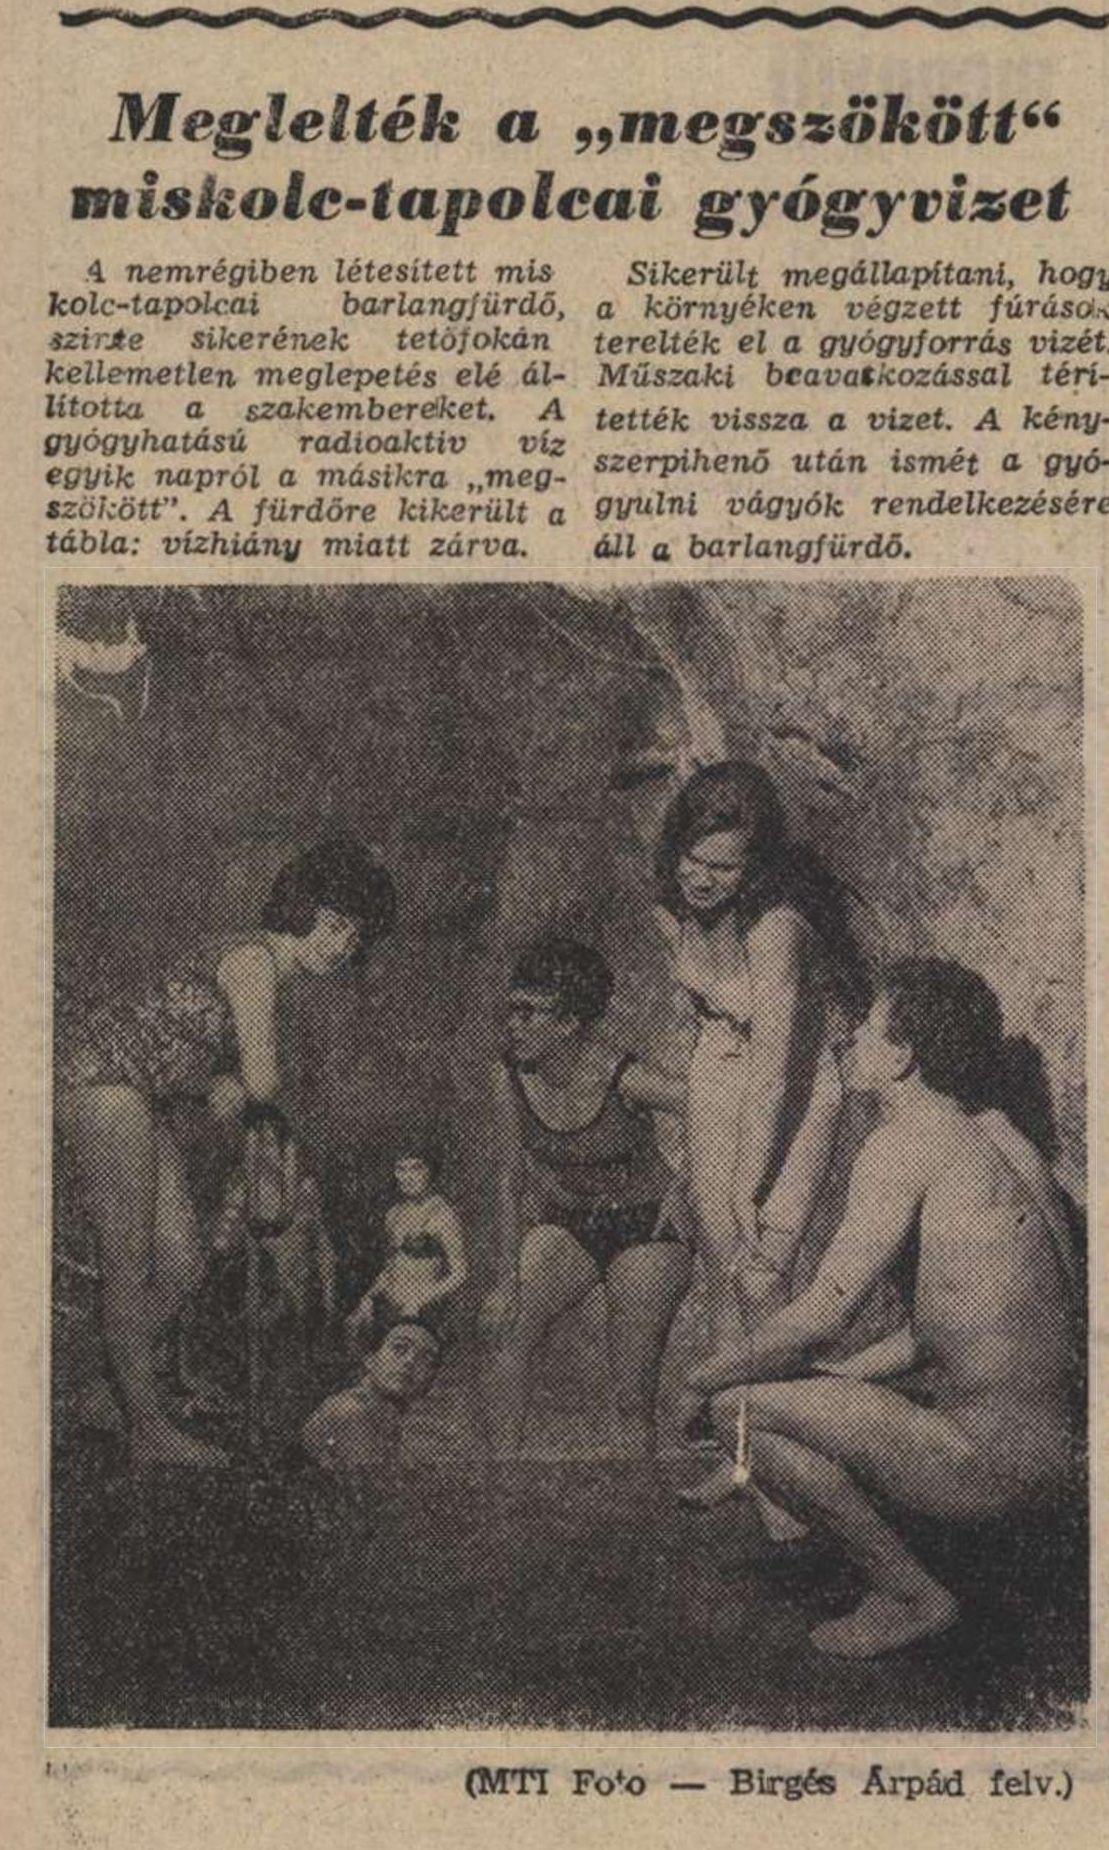 hajdubiharineplapnaplo_1965_03-1579815348_pages92-92-page-001.jpg